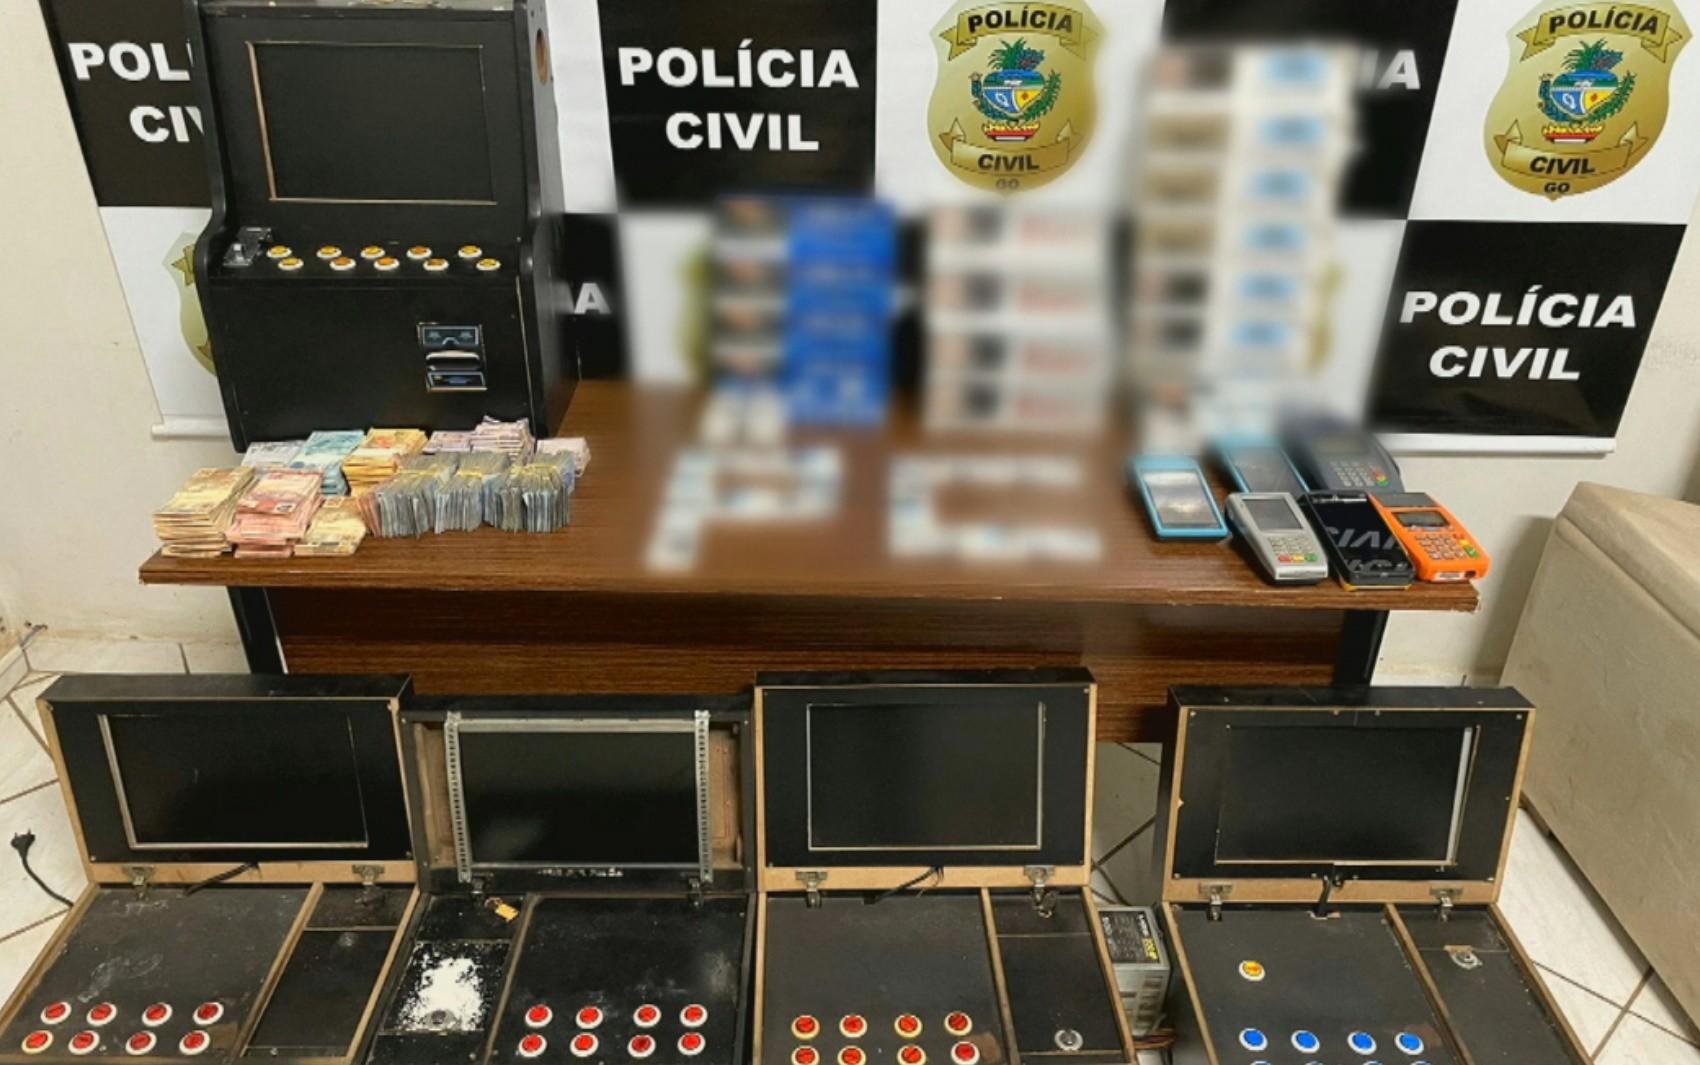 Policiais acham R$ 80 mil escondidos em freezer de bar investigado por ter jogos de azar e vender açaí com rebite para caminhoneiros